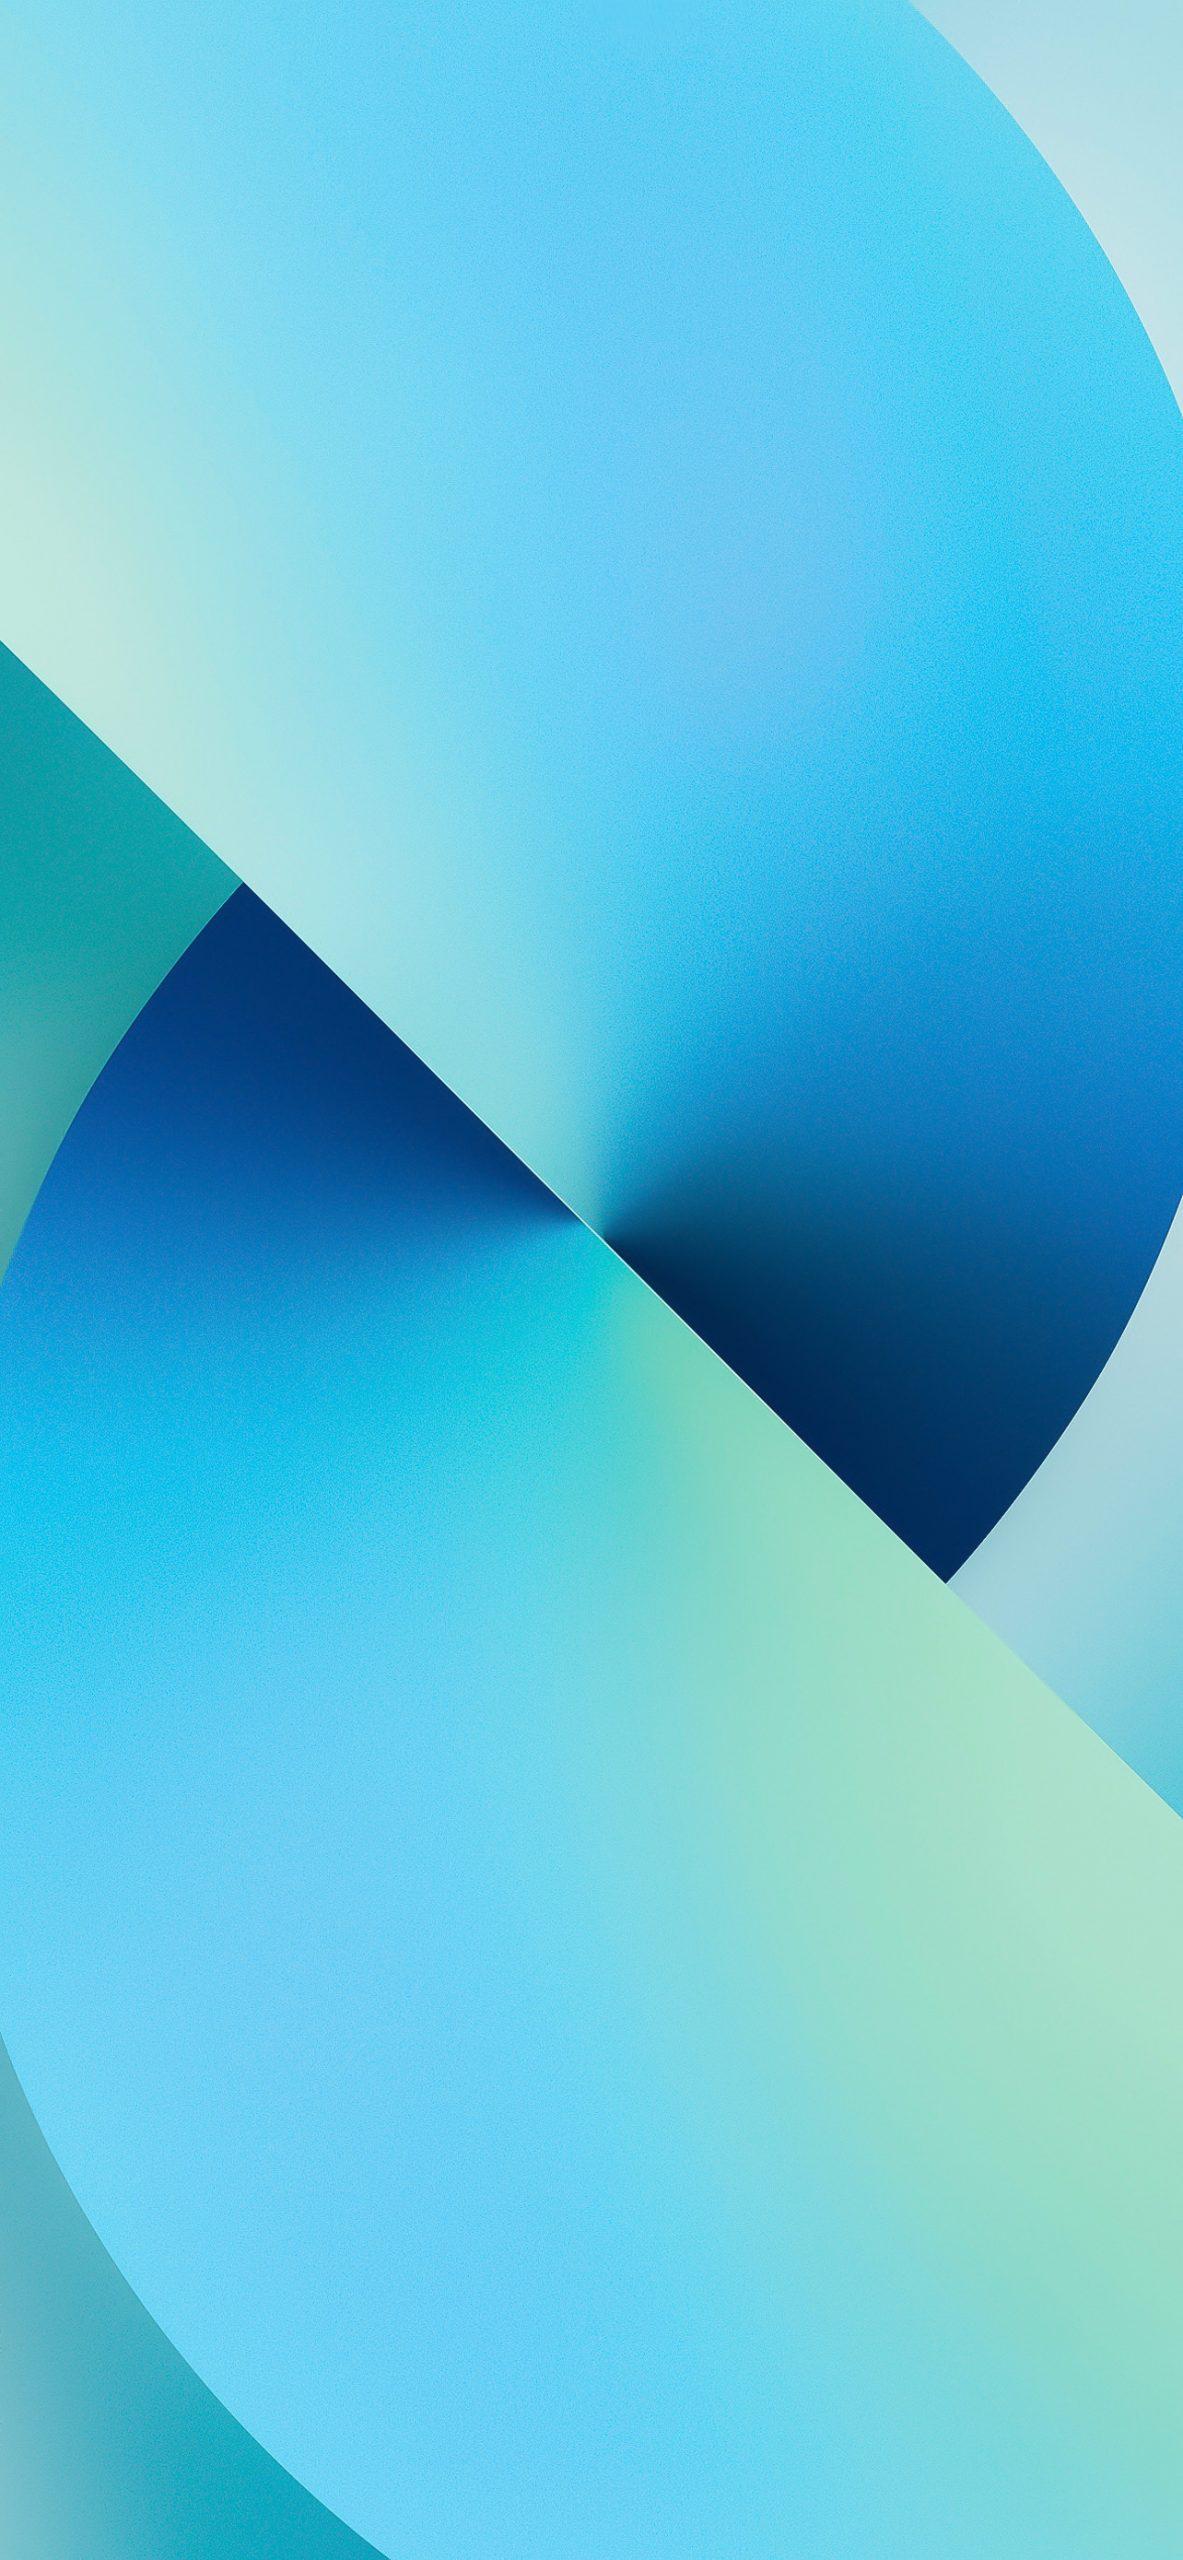 iPhone 13 wallpaper light blue